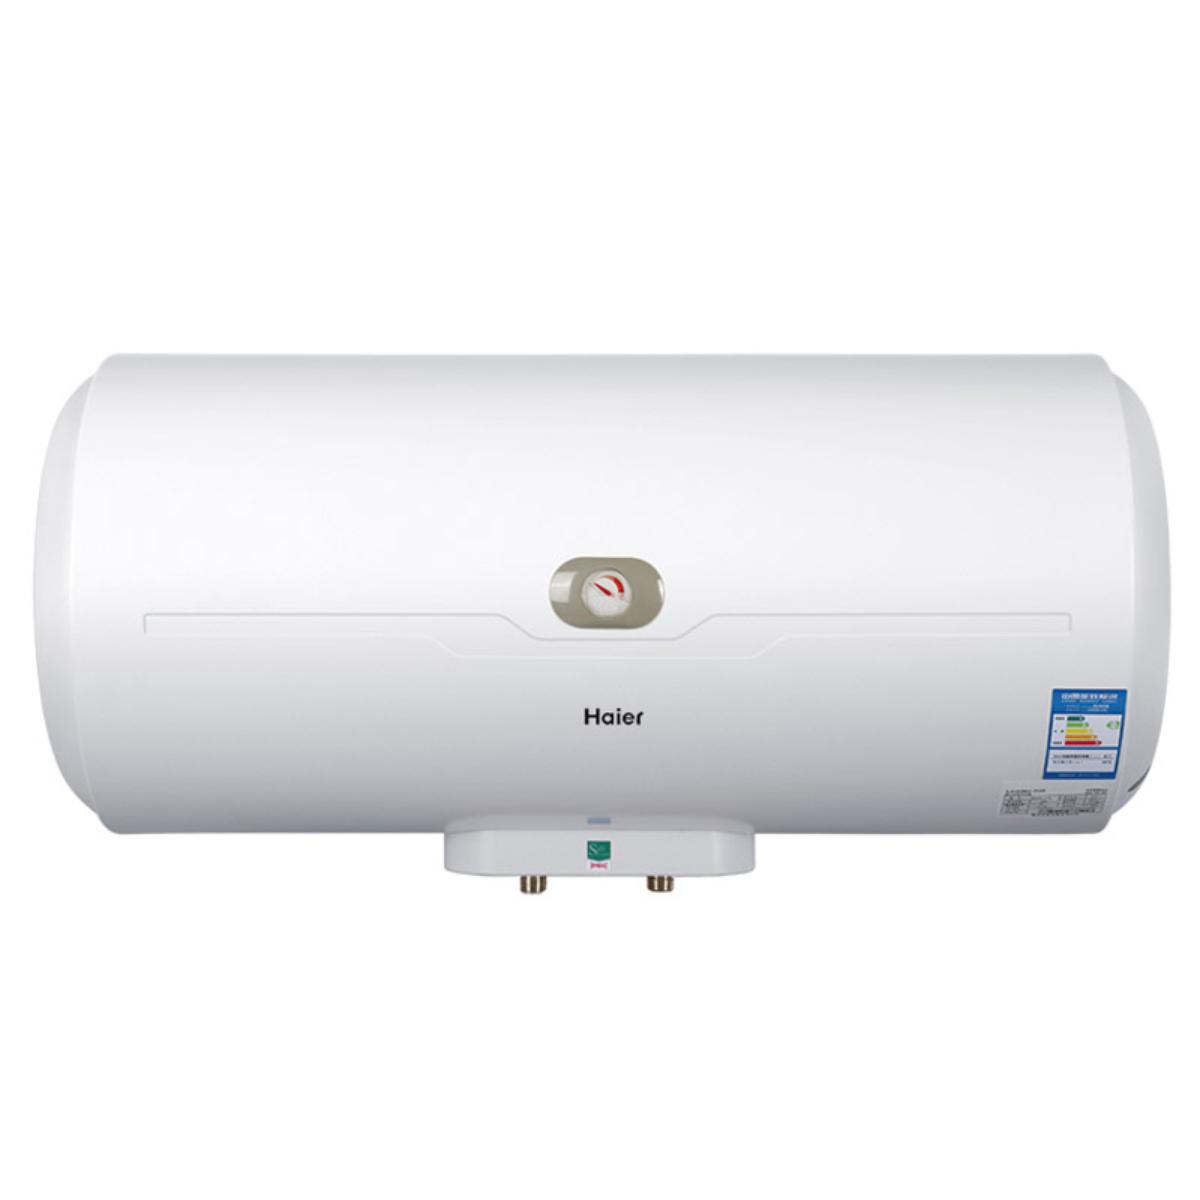 海尔电热水器型号后缀是什么意思